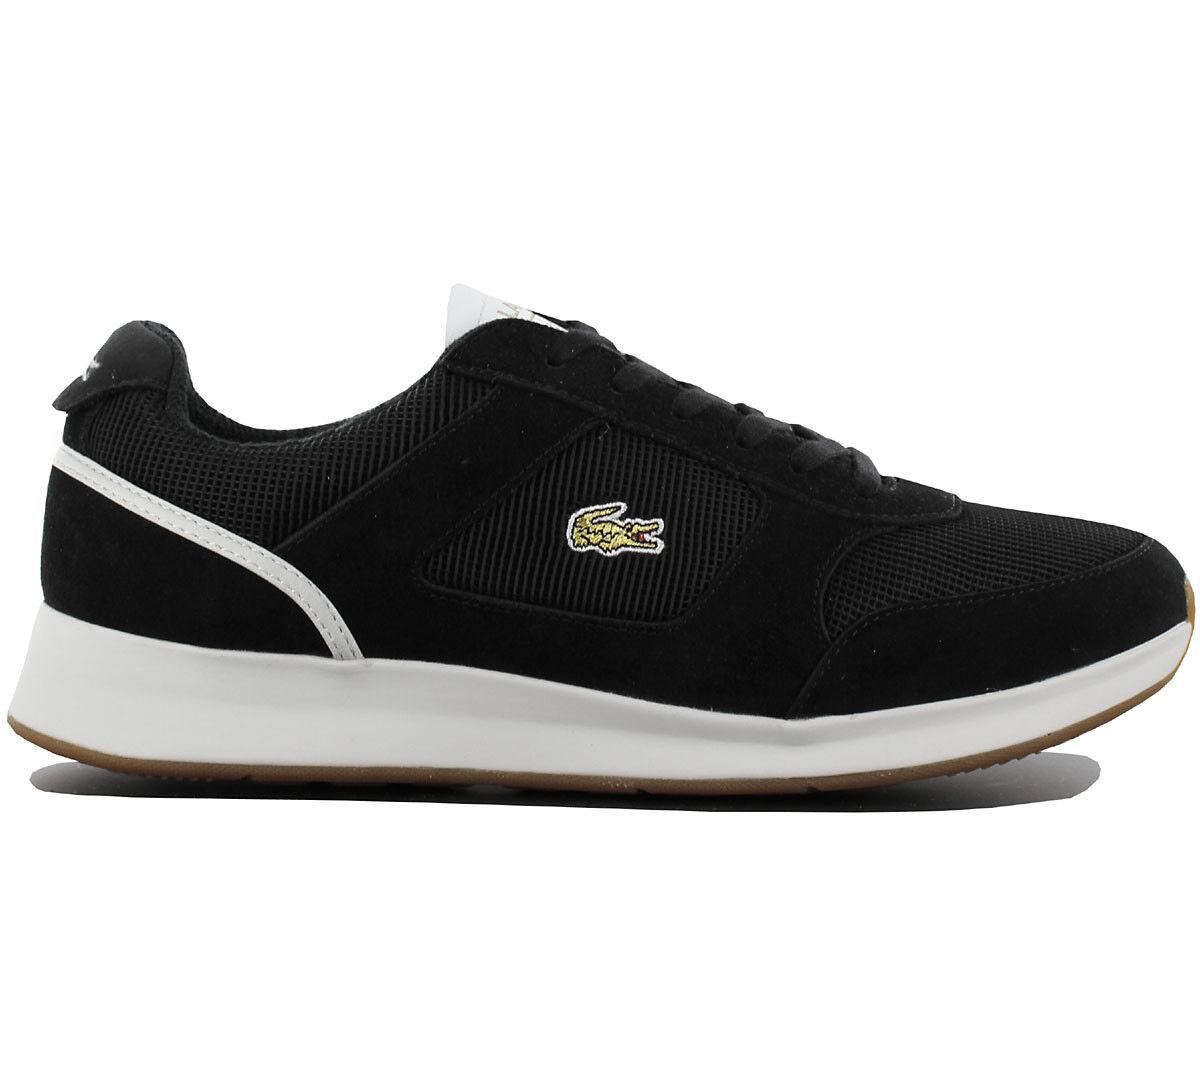 Lacoste Joggeur 317 2 Spm scarpe da ginnastica Uomo Scarpe da Ginnastica 34SPM0016312 Nero